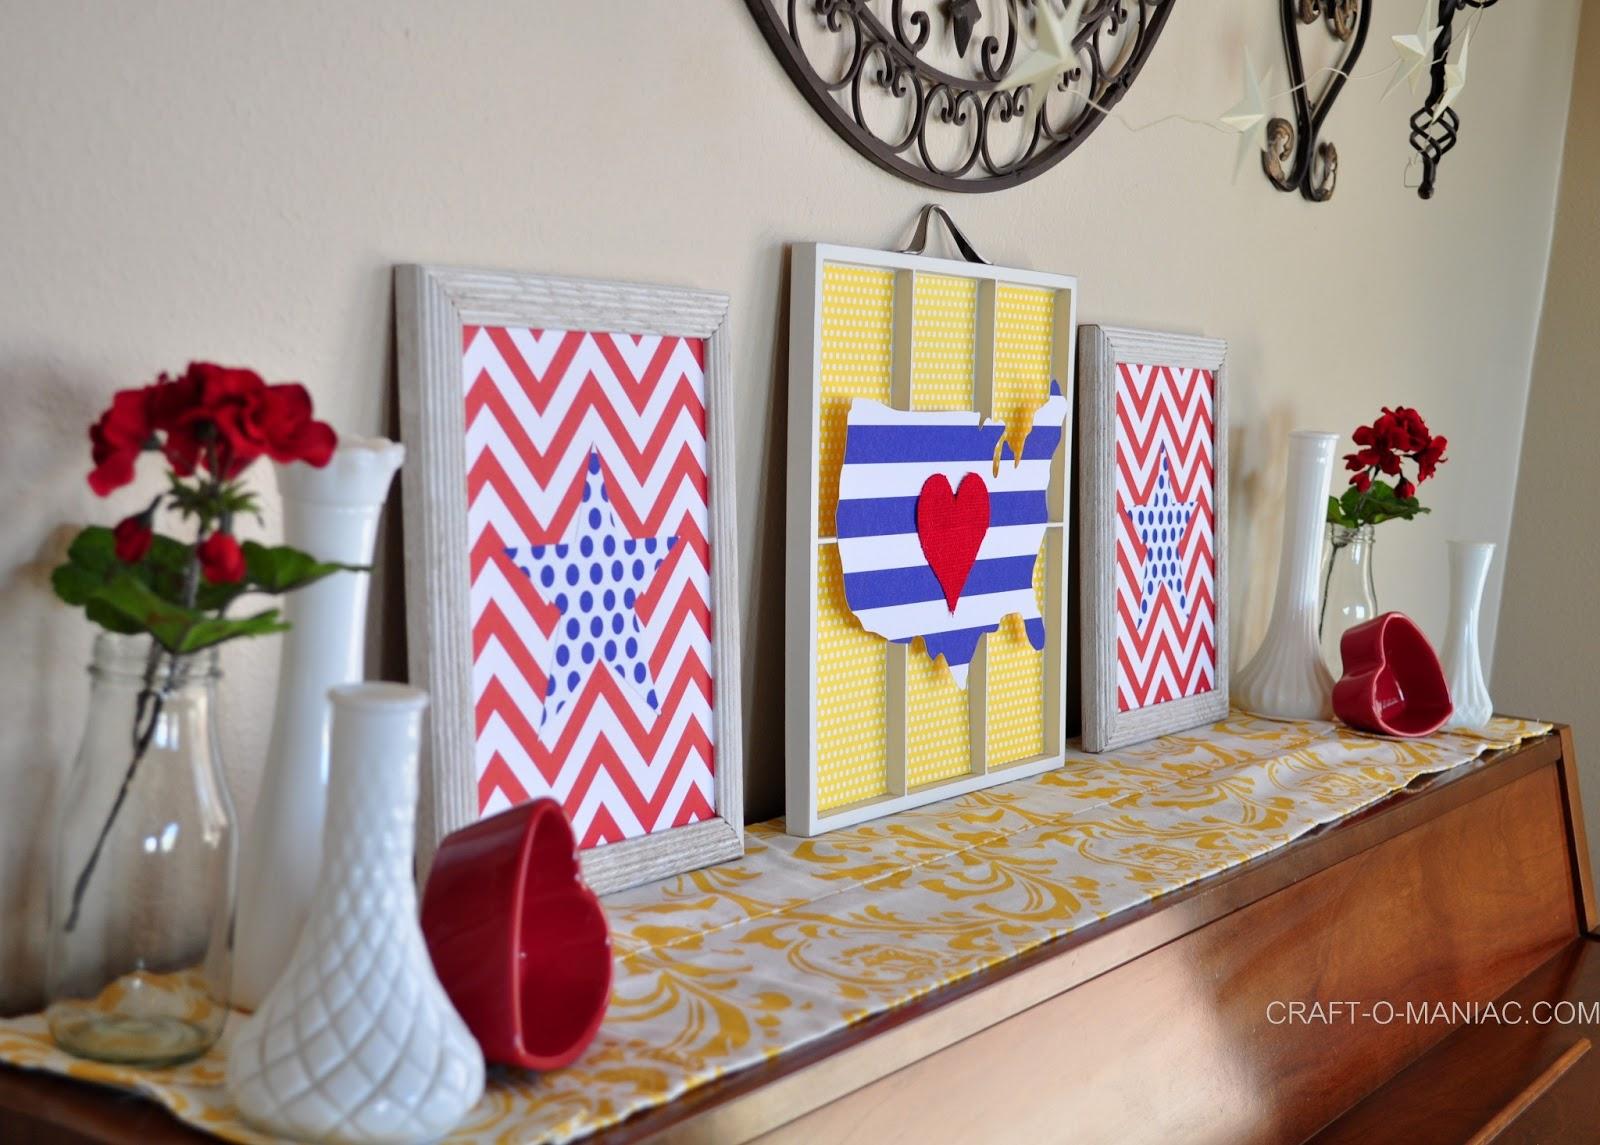 Patriotic Decor For Home: Patriotic Piano